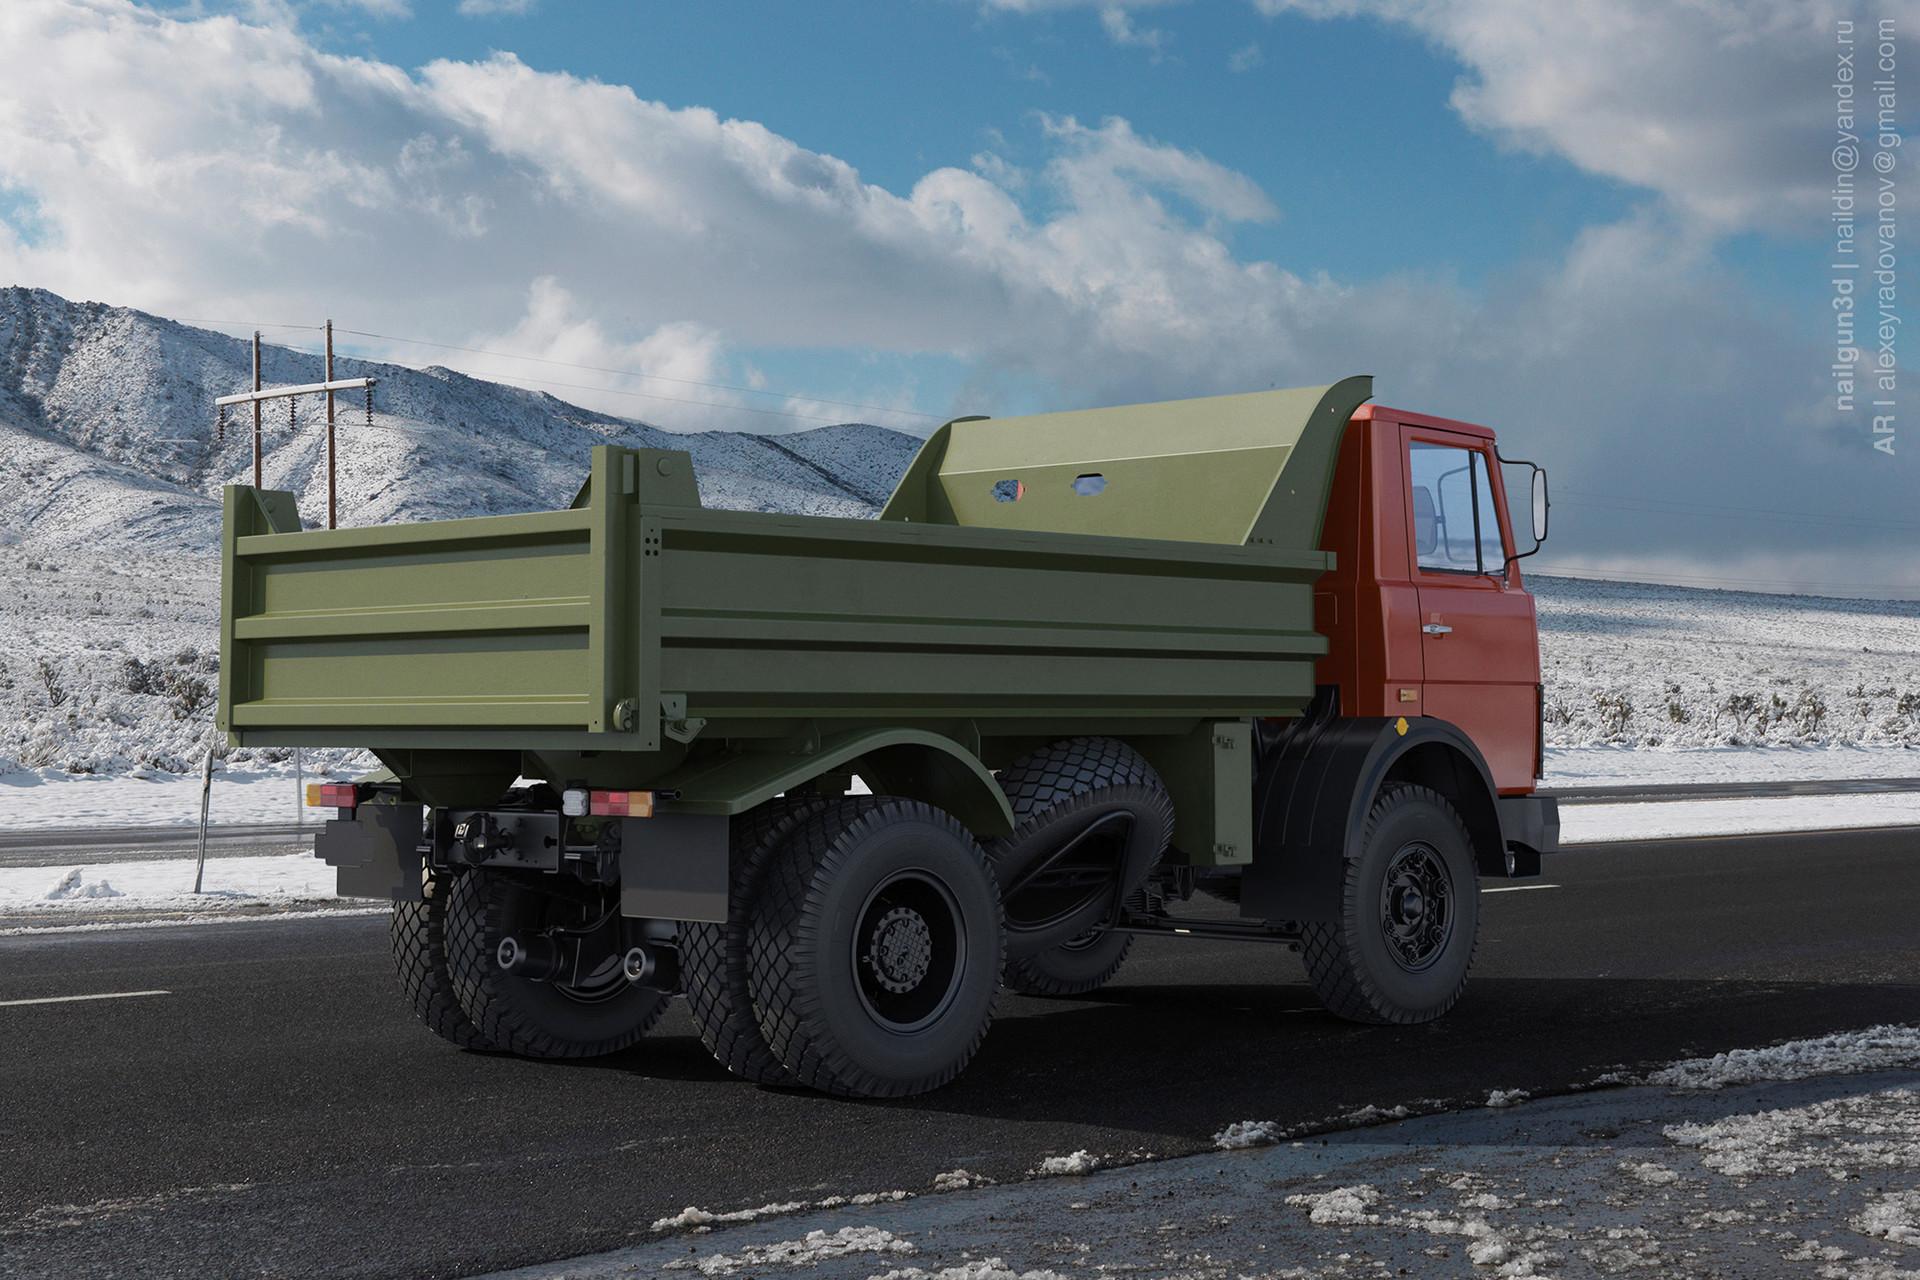 Nail khusnutdinov alg 031 010 maz 5551 rear view 3x